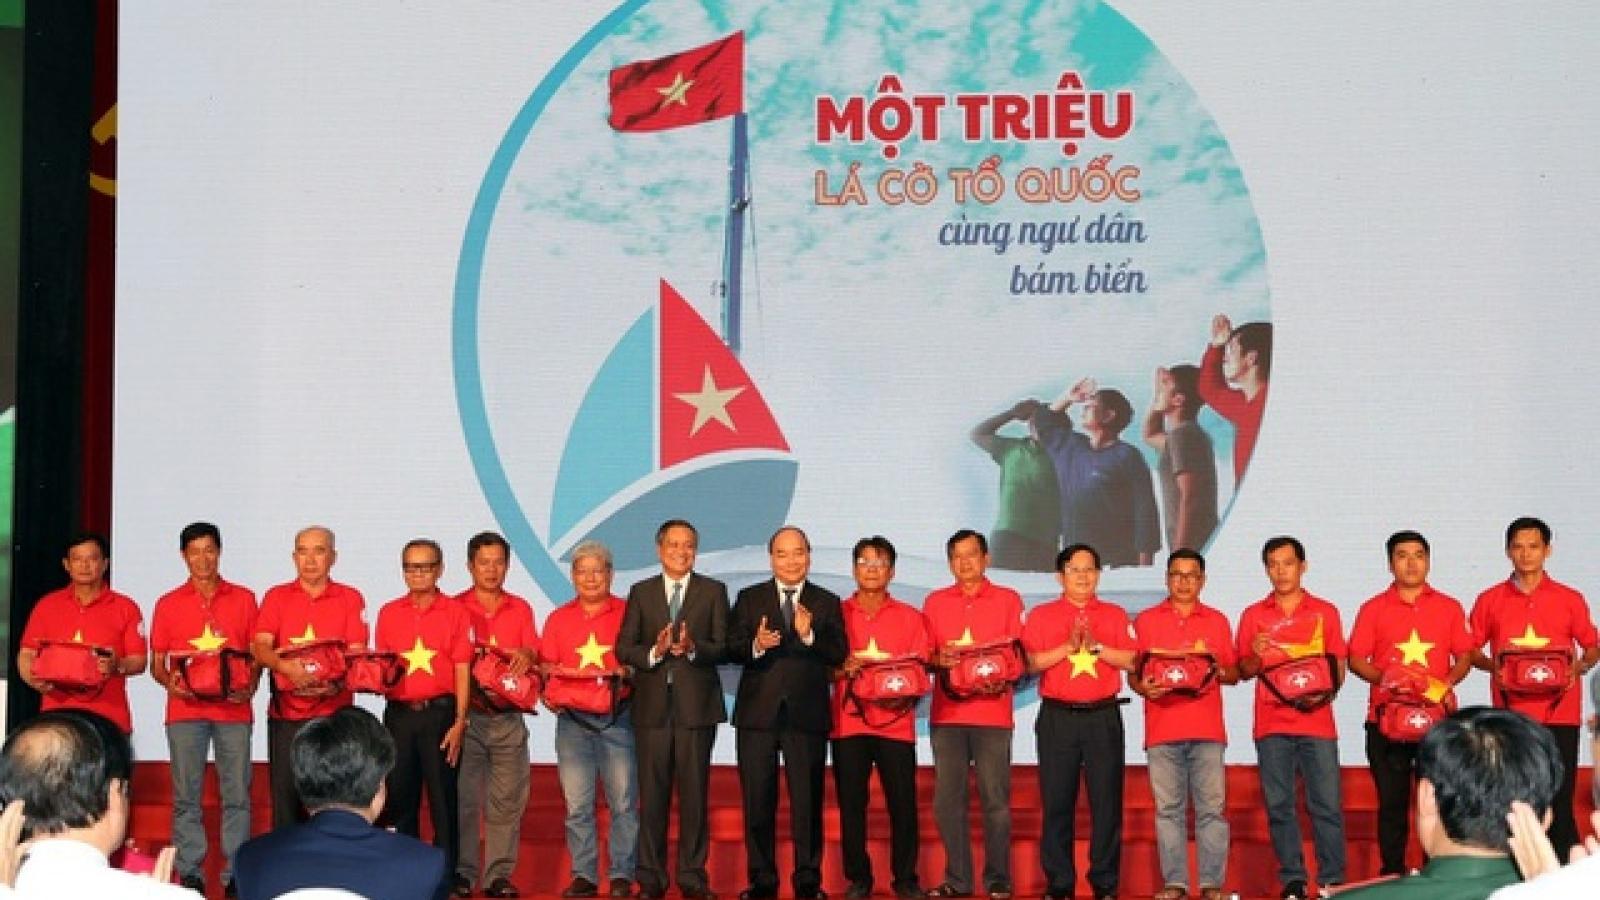 Chủ tịch nước Nguyễn Xuân Phúc gửi tặng 5.000 lá cờ cho các ngư dân vùng biển đảo